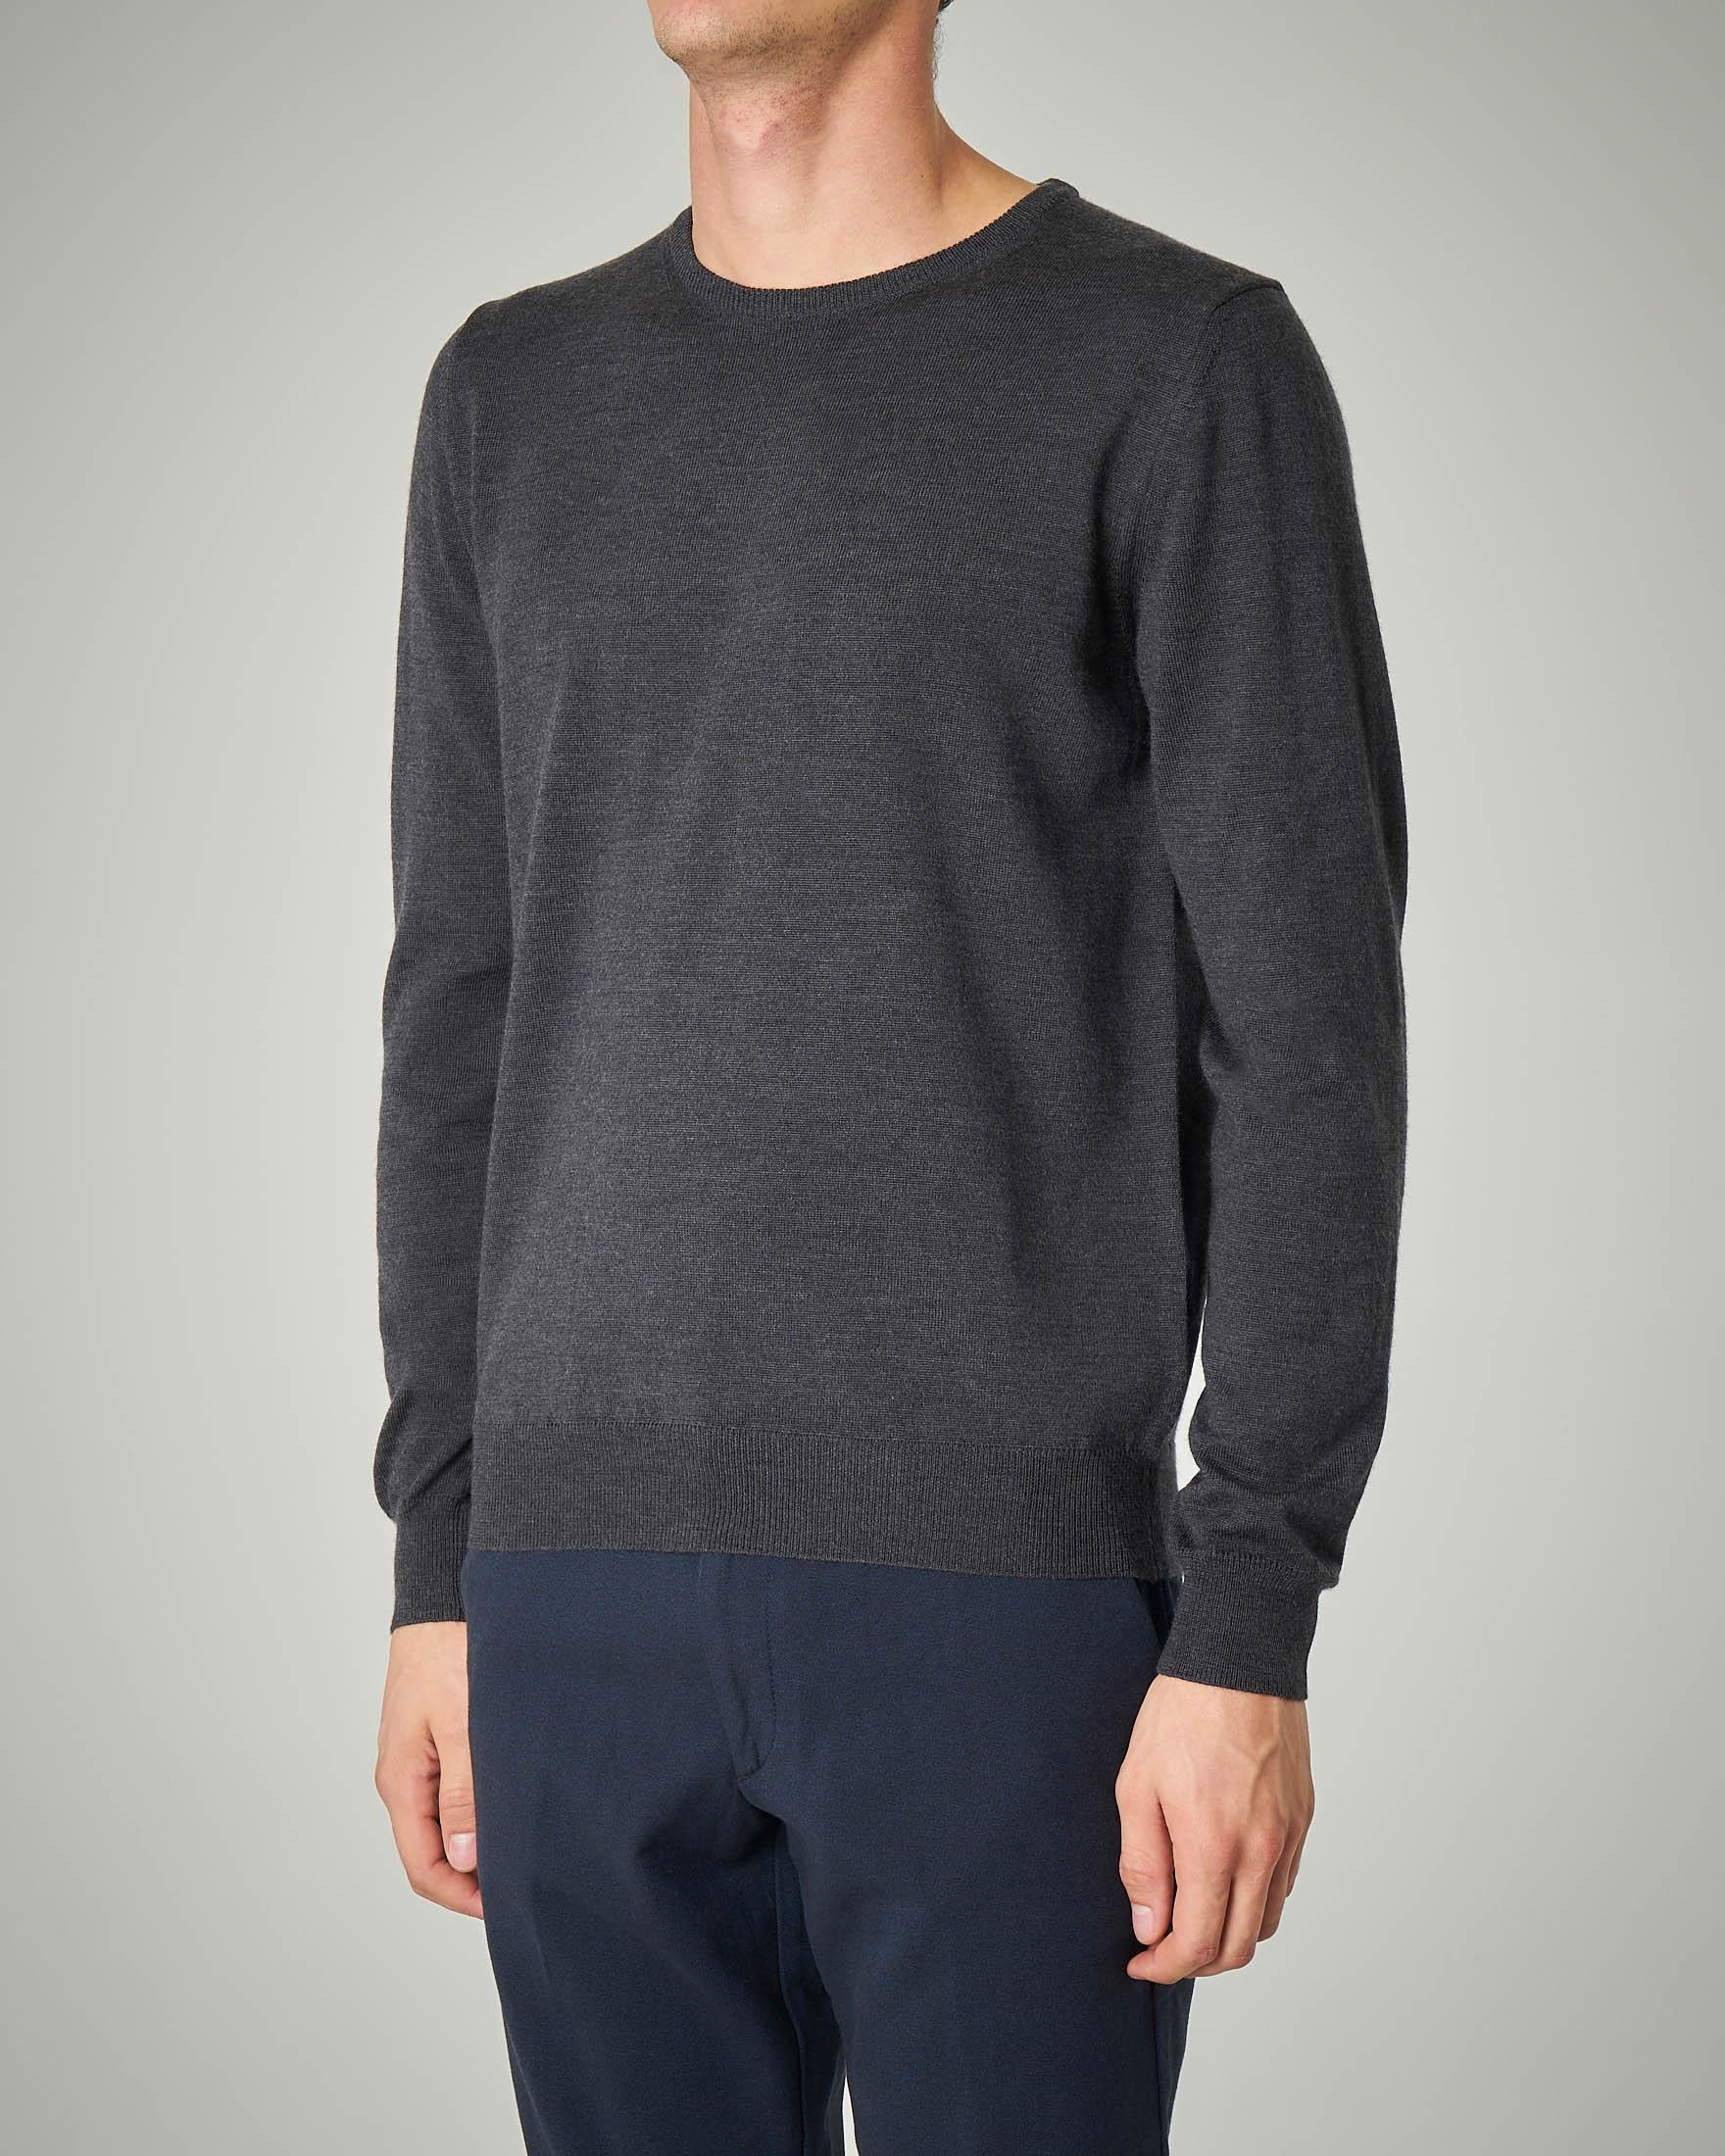 Maglia grigio scuro girocollo in lana merino